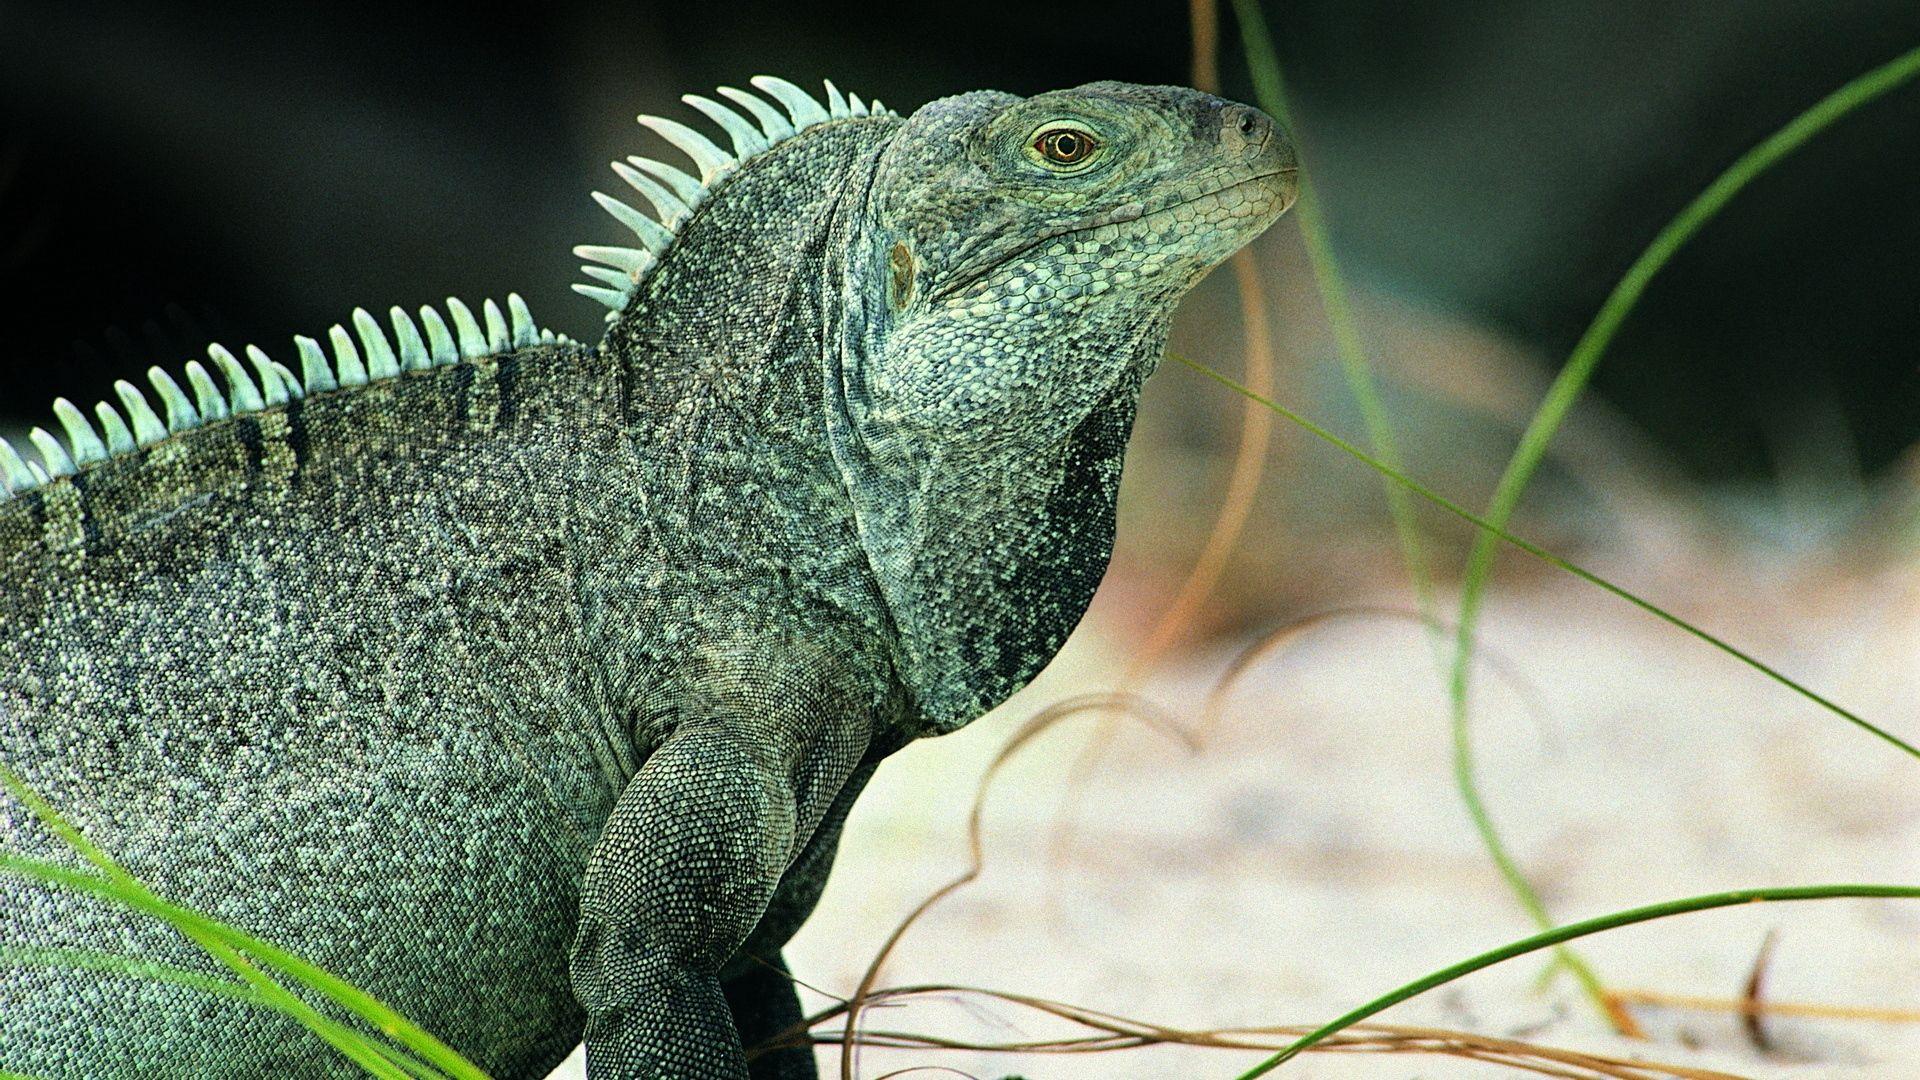 Lizard Iguana Photo